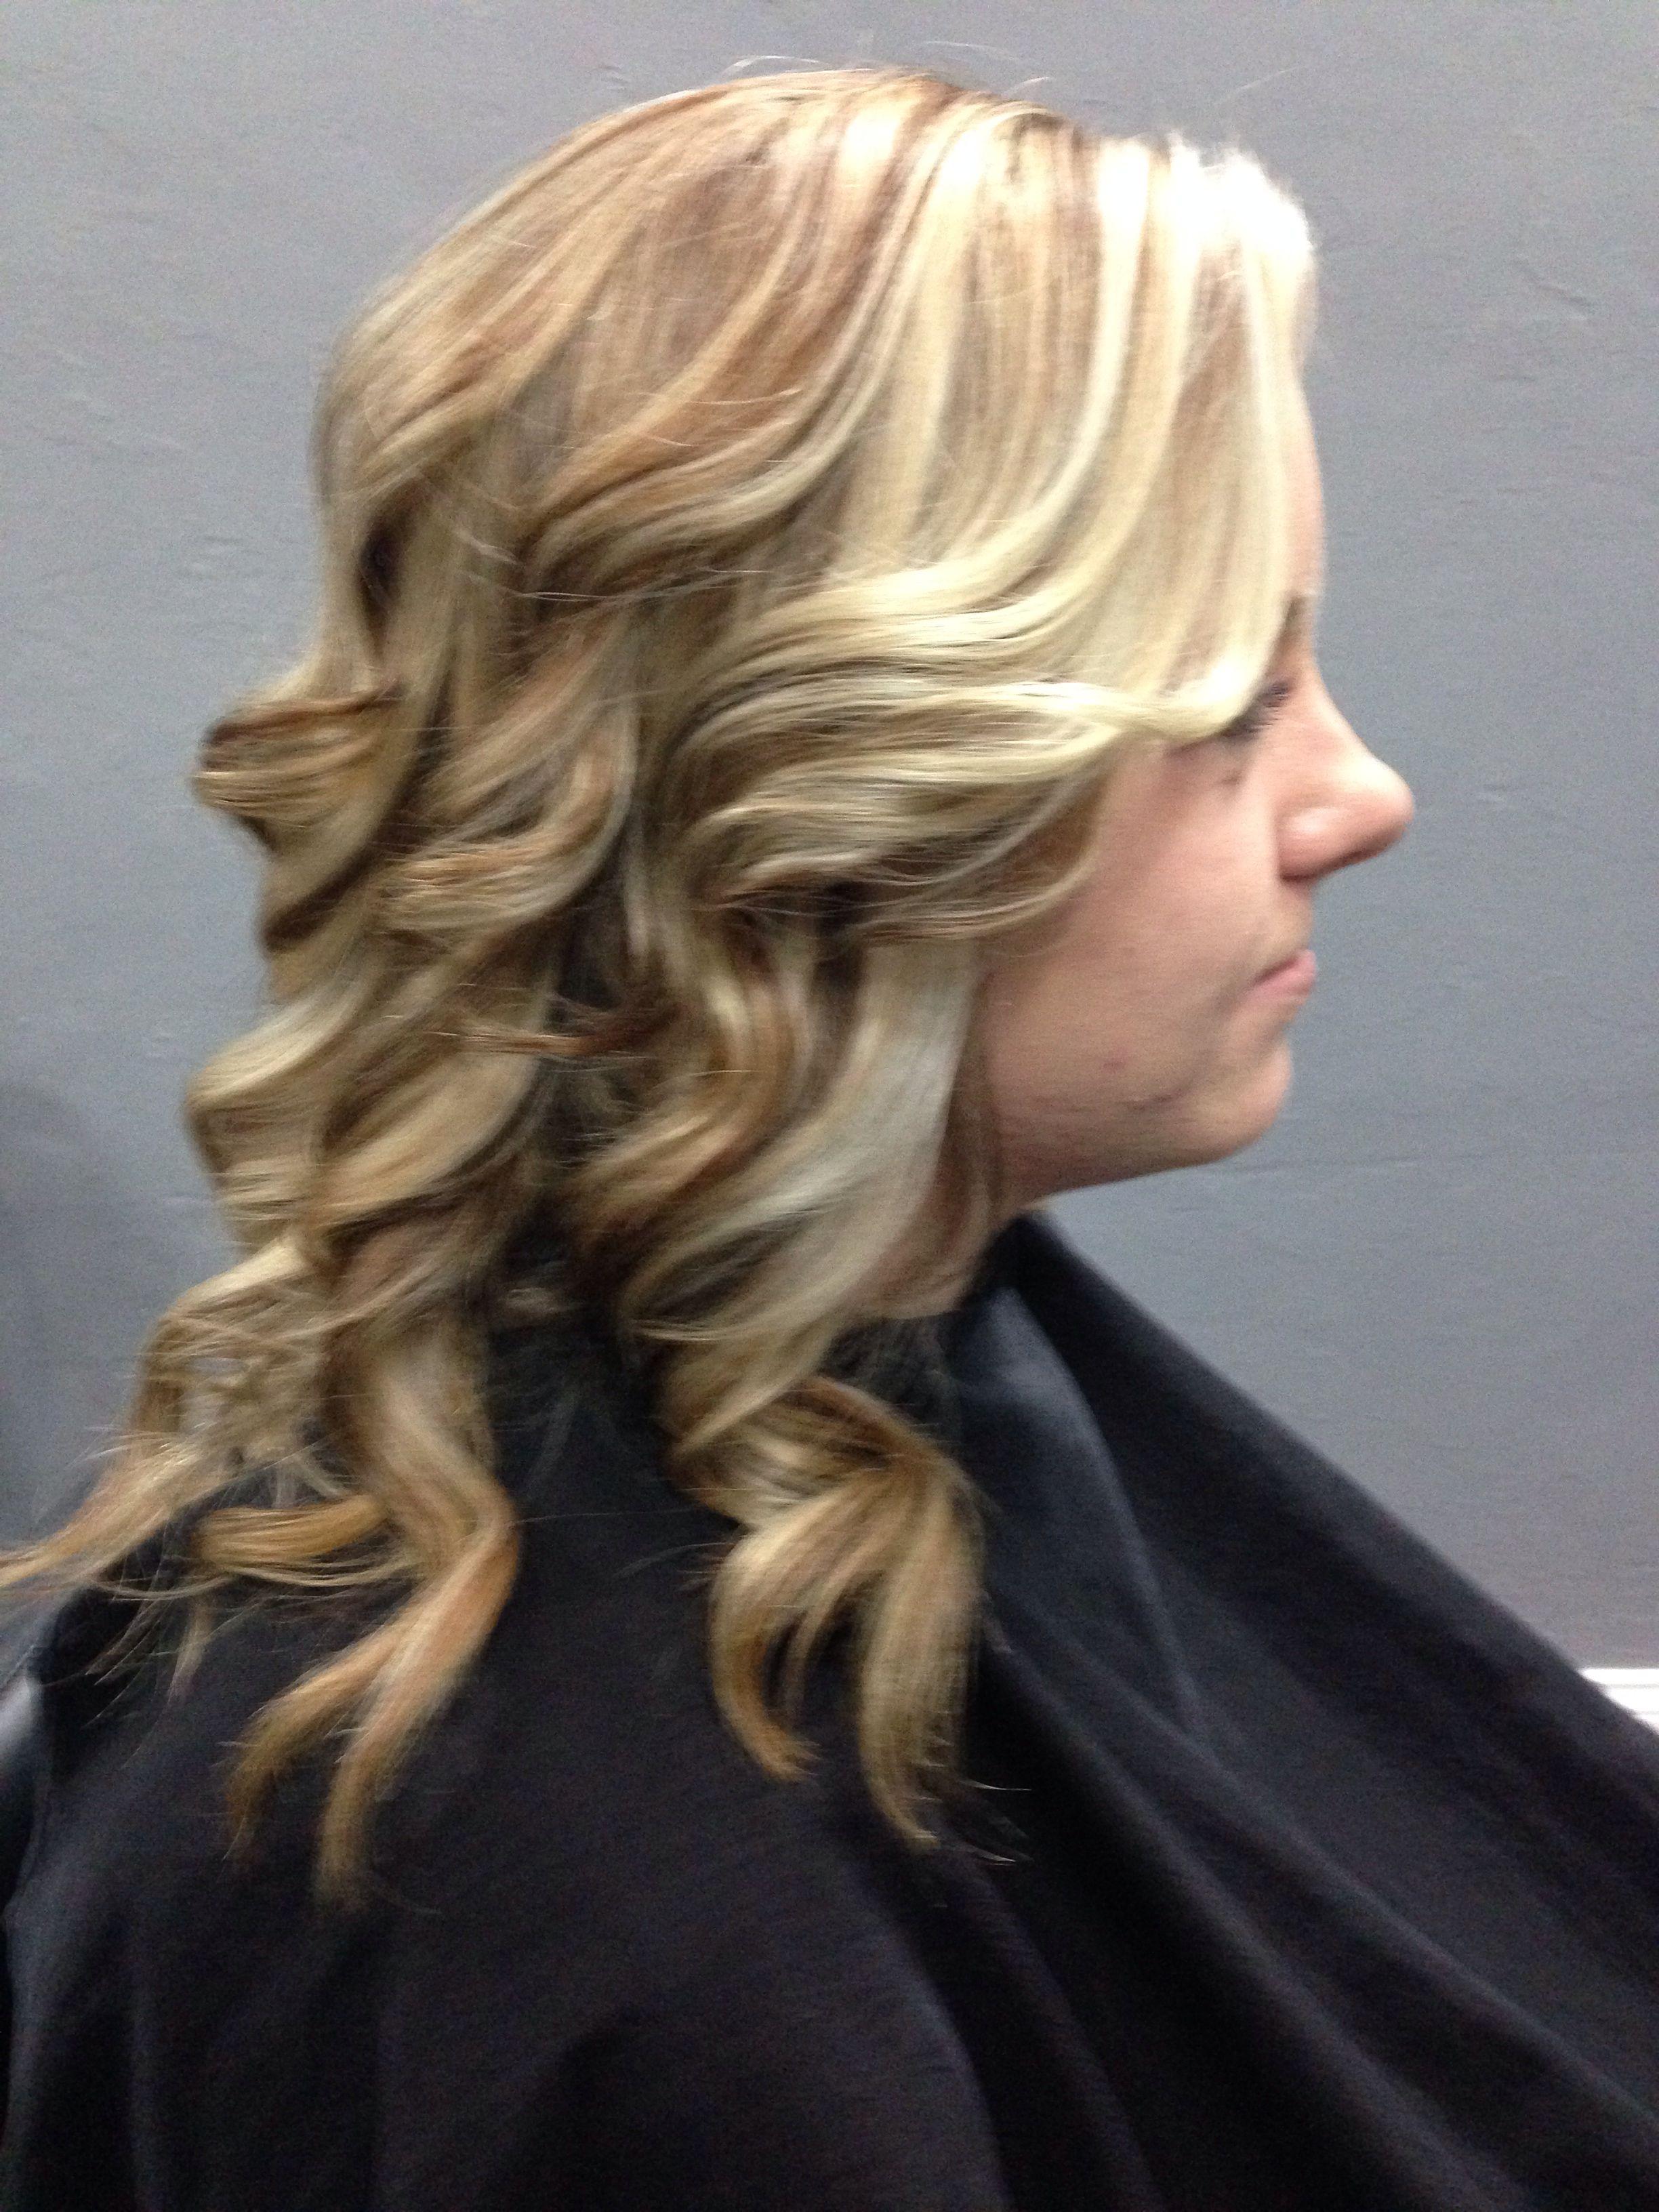 Blonde By Cassie Allen At Salon 5402 Gainesville Fl Cosmo